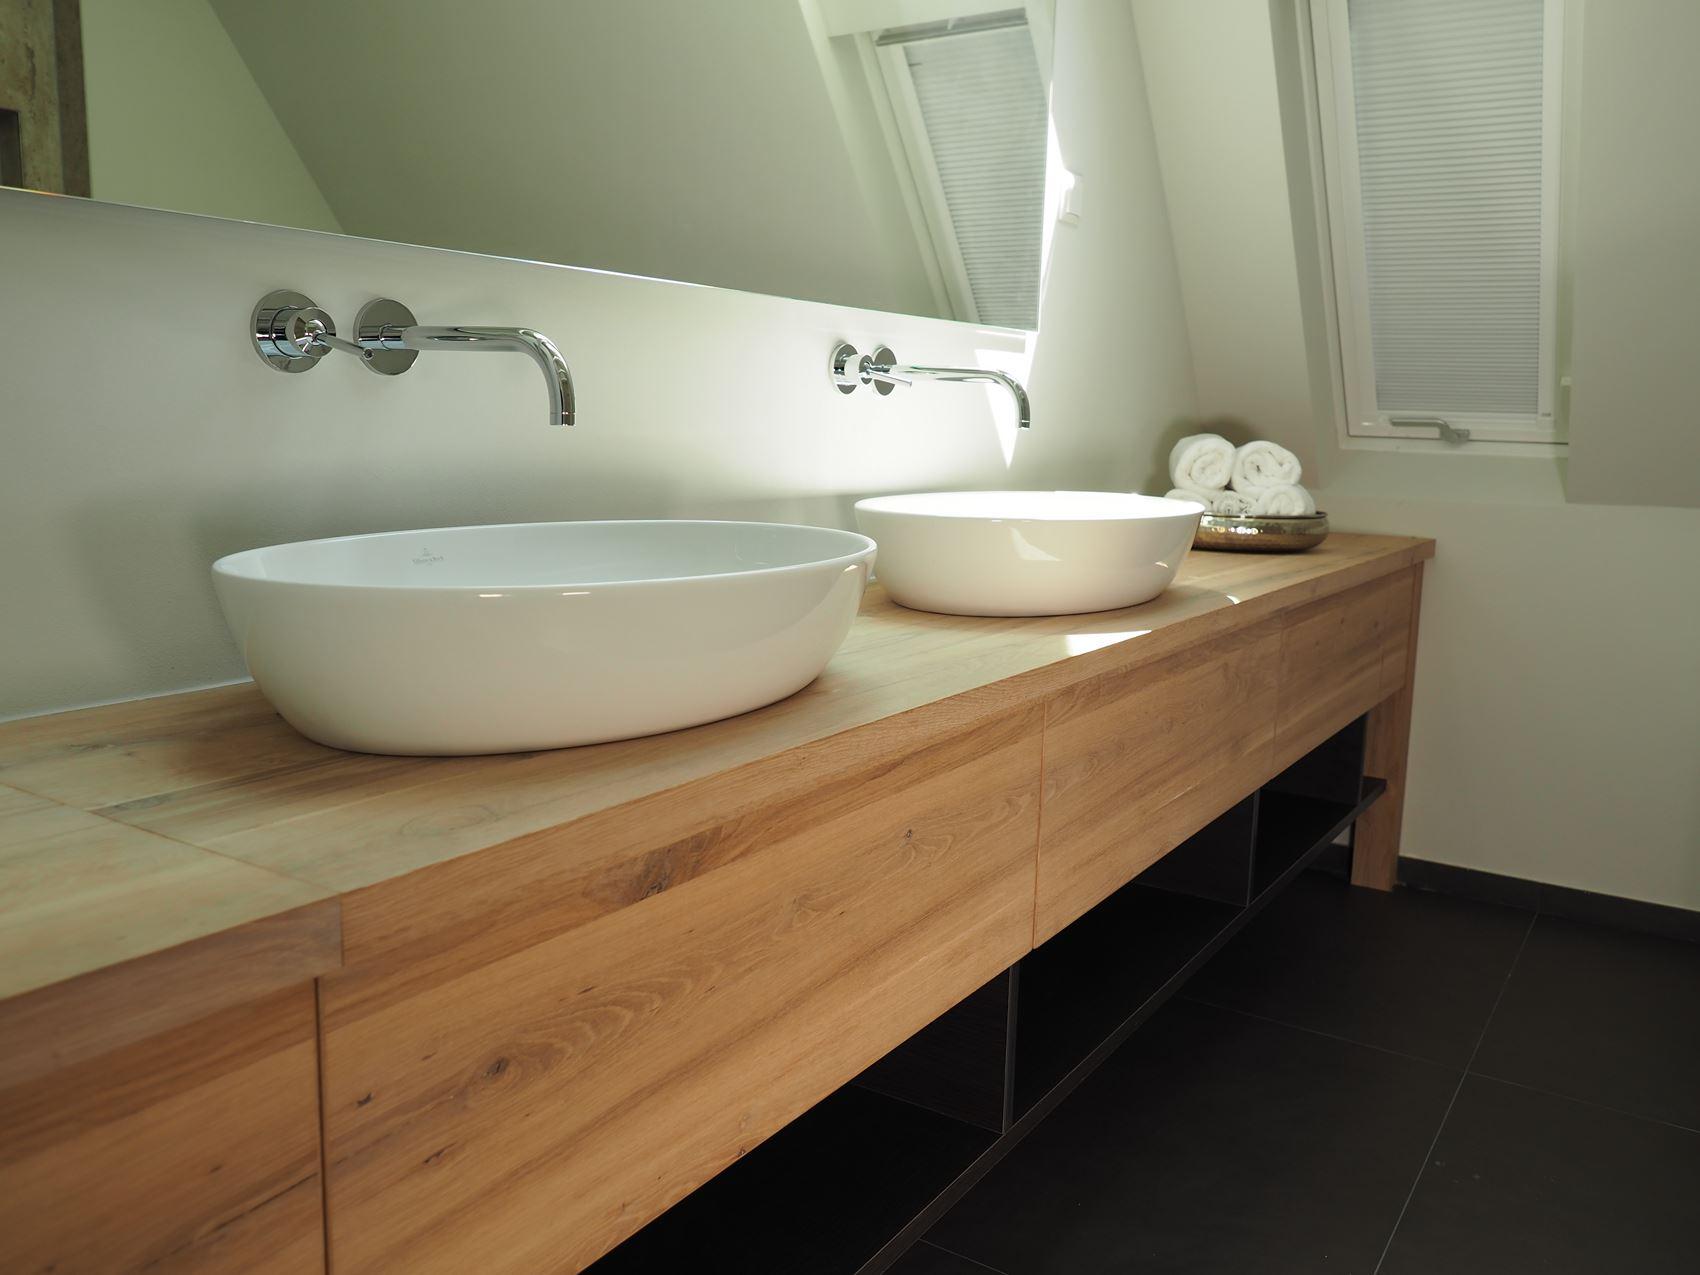 waschtisch aus altholz eiche hamburger m bel. Black Bedroom Furniture Sets. Home Design Ideas